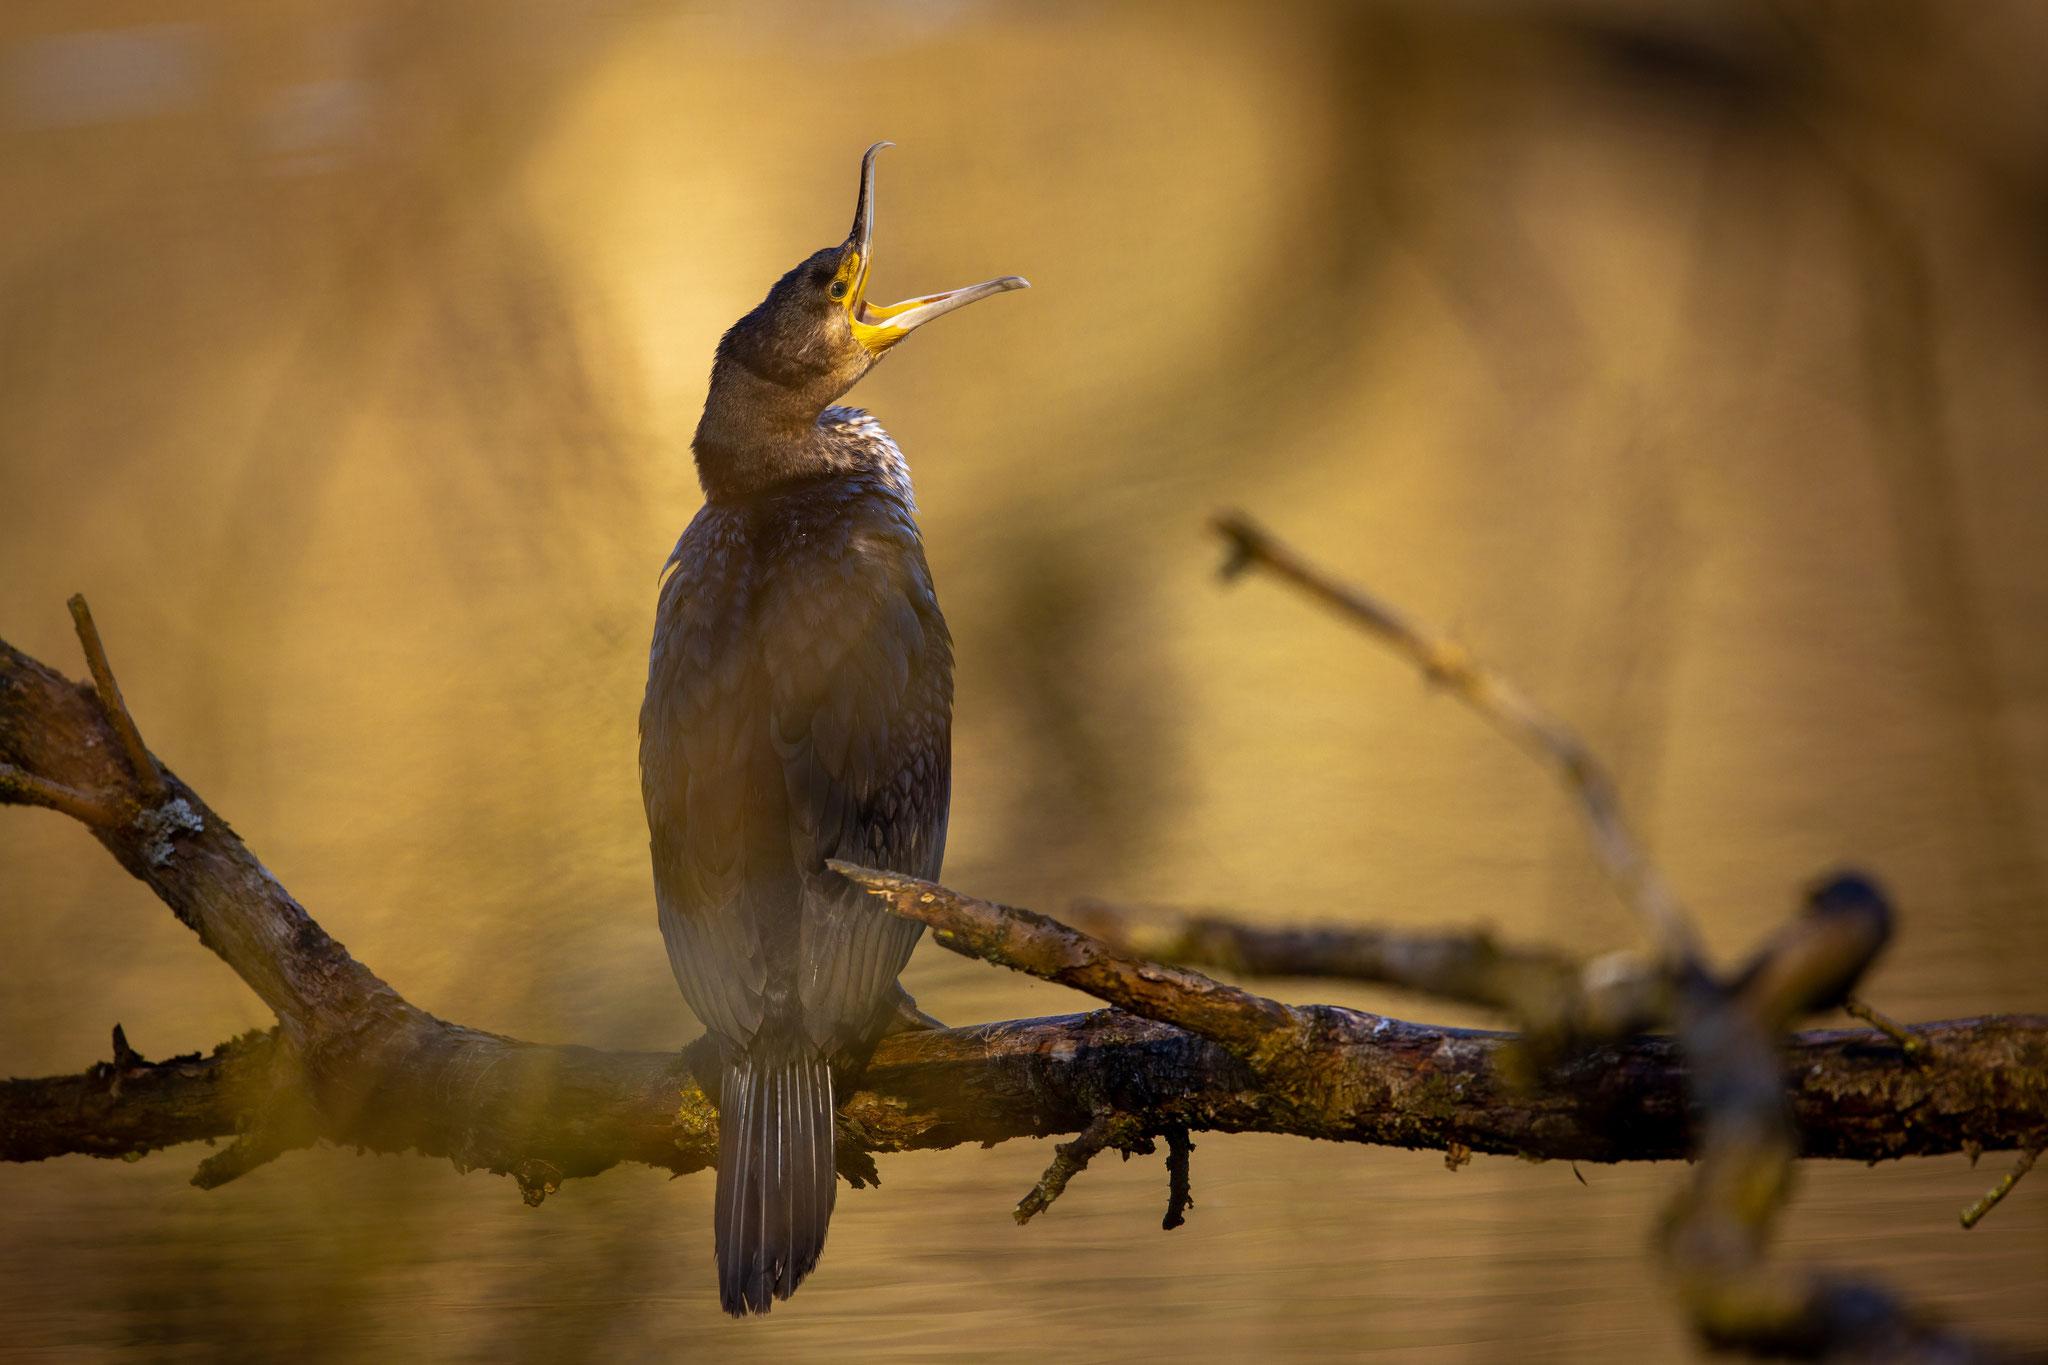 Der Kormoran singt zwar nicht, zeigt aber sehr schön, daß Vögel von den Dinosauriern abstammen